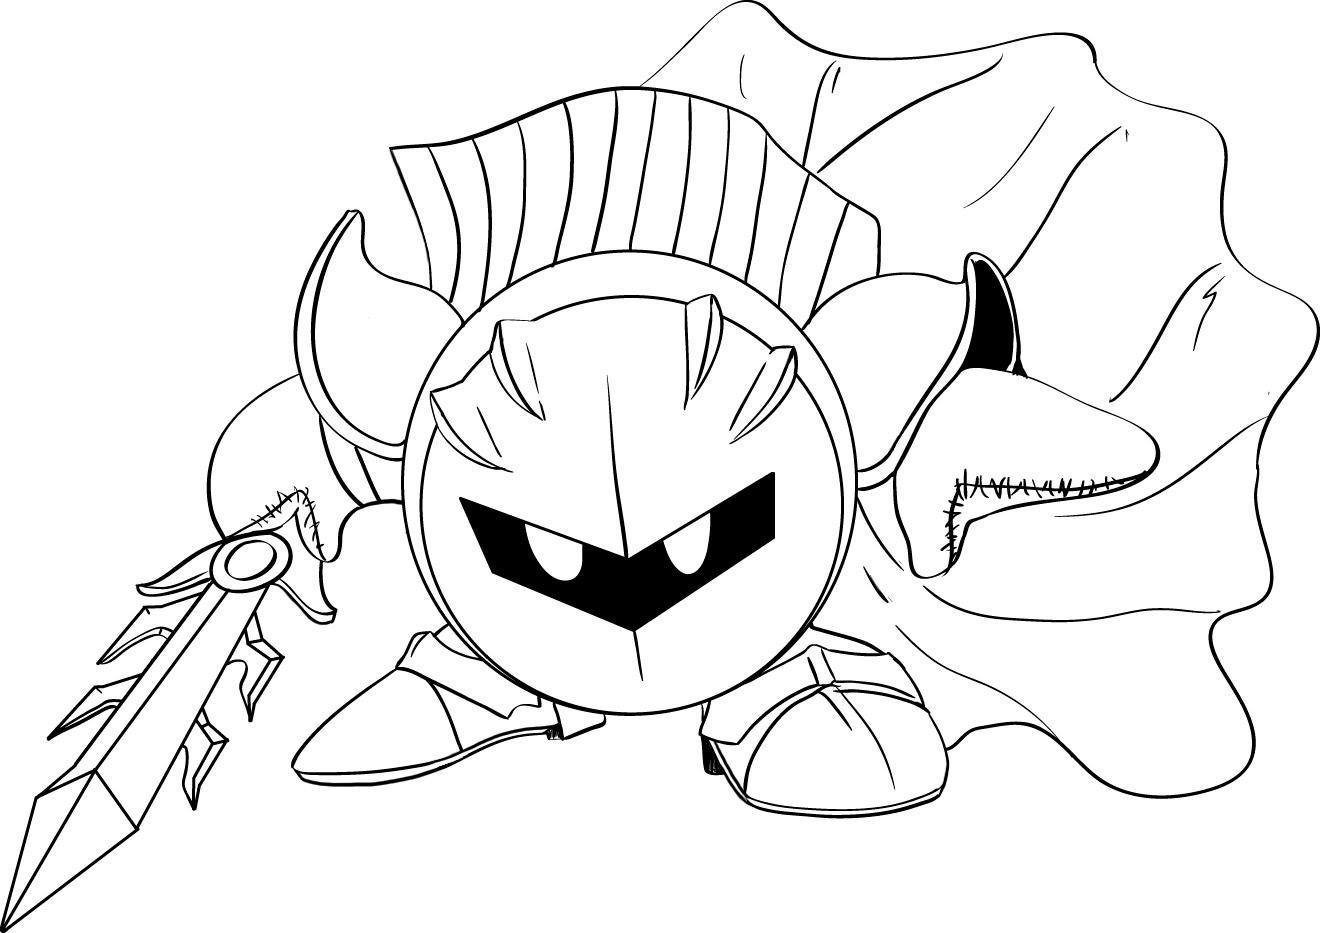 Маленький робот с мечом Раскрашивать раскраски для мальчиков